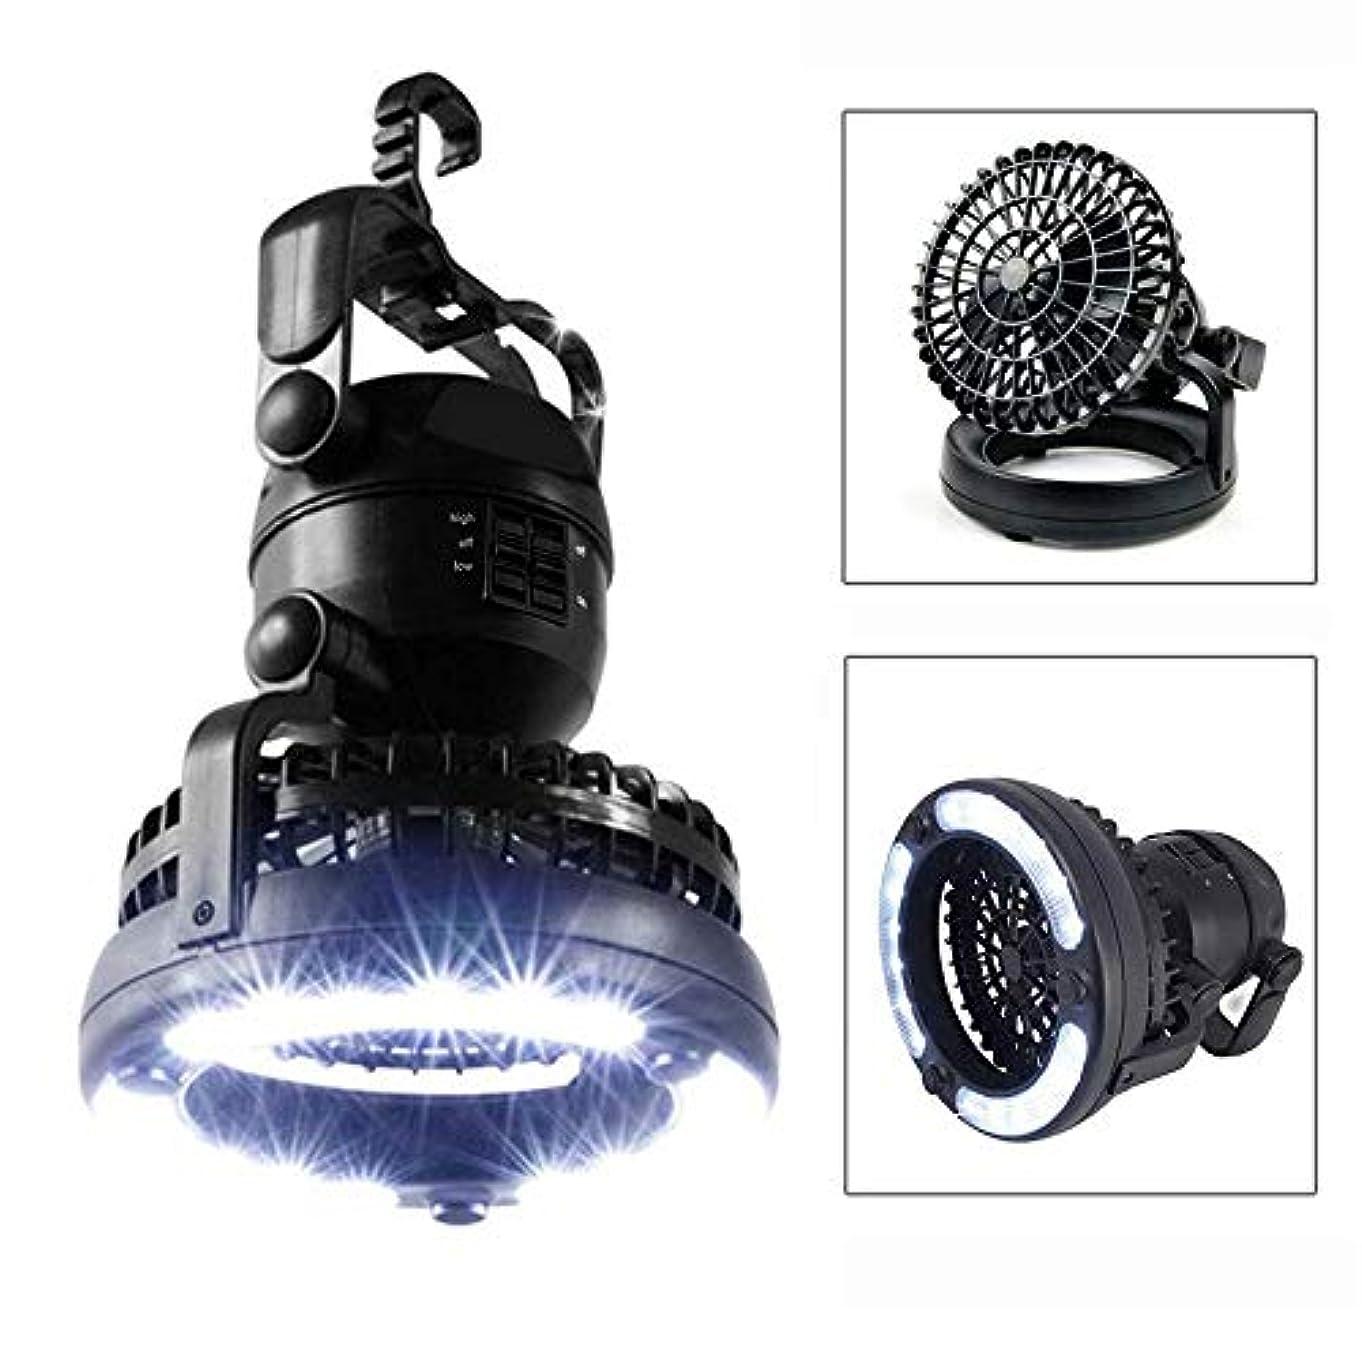 挨拶石鹸役割LEDキャンプランプ、LED懐中電灯の天井ファンが付いている1つの携帯用ランタン360回転停電のための防水防風電池式の非常灯ハイキング、緊急グリル